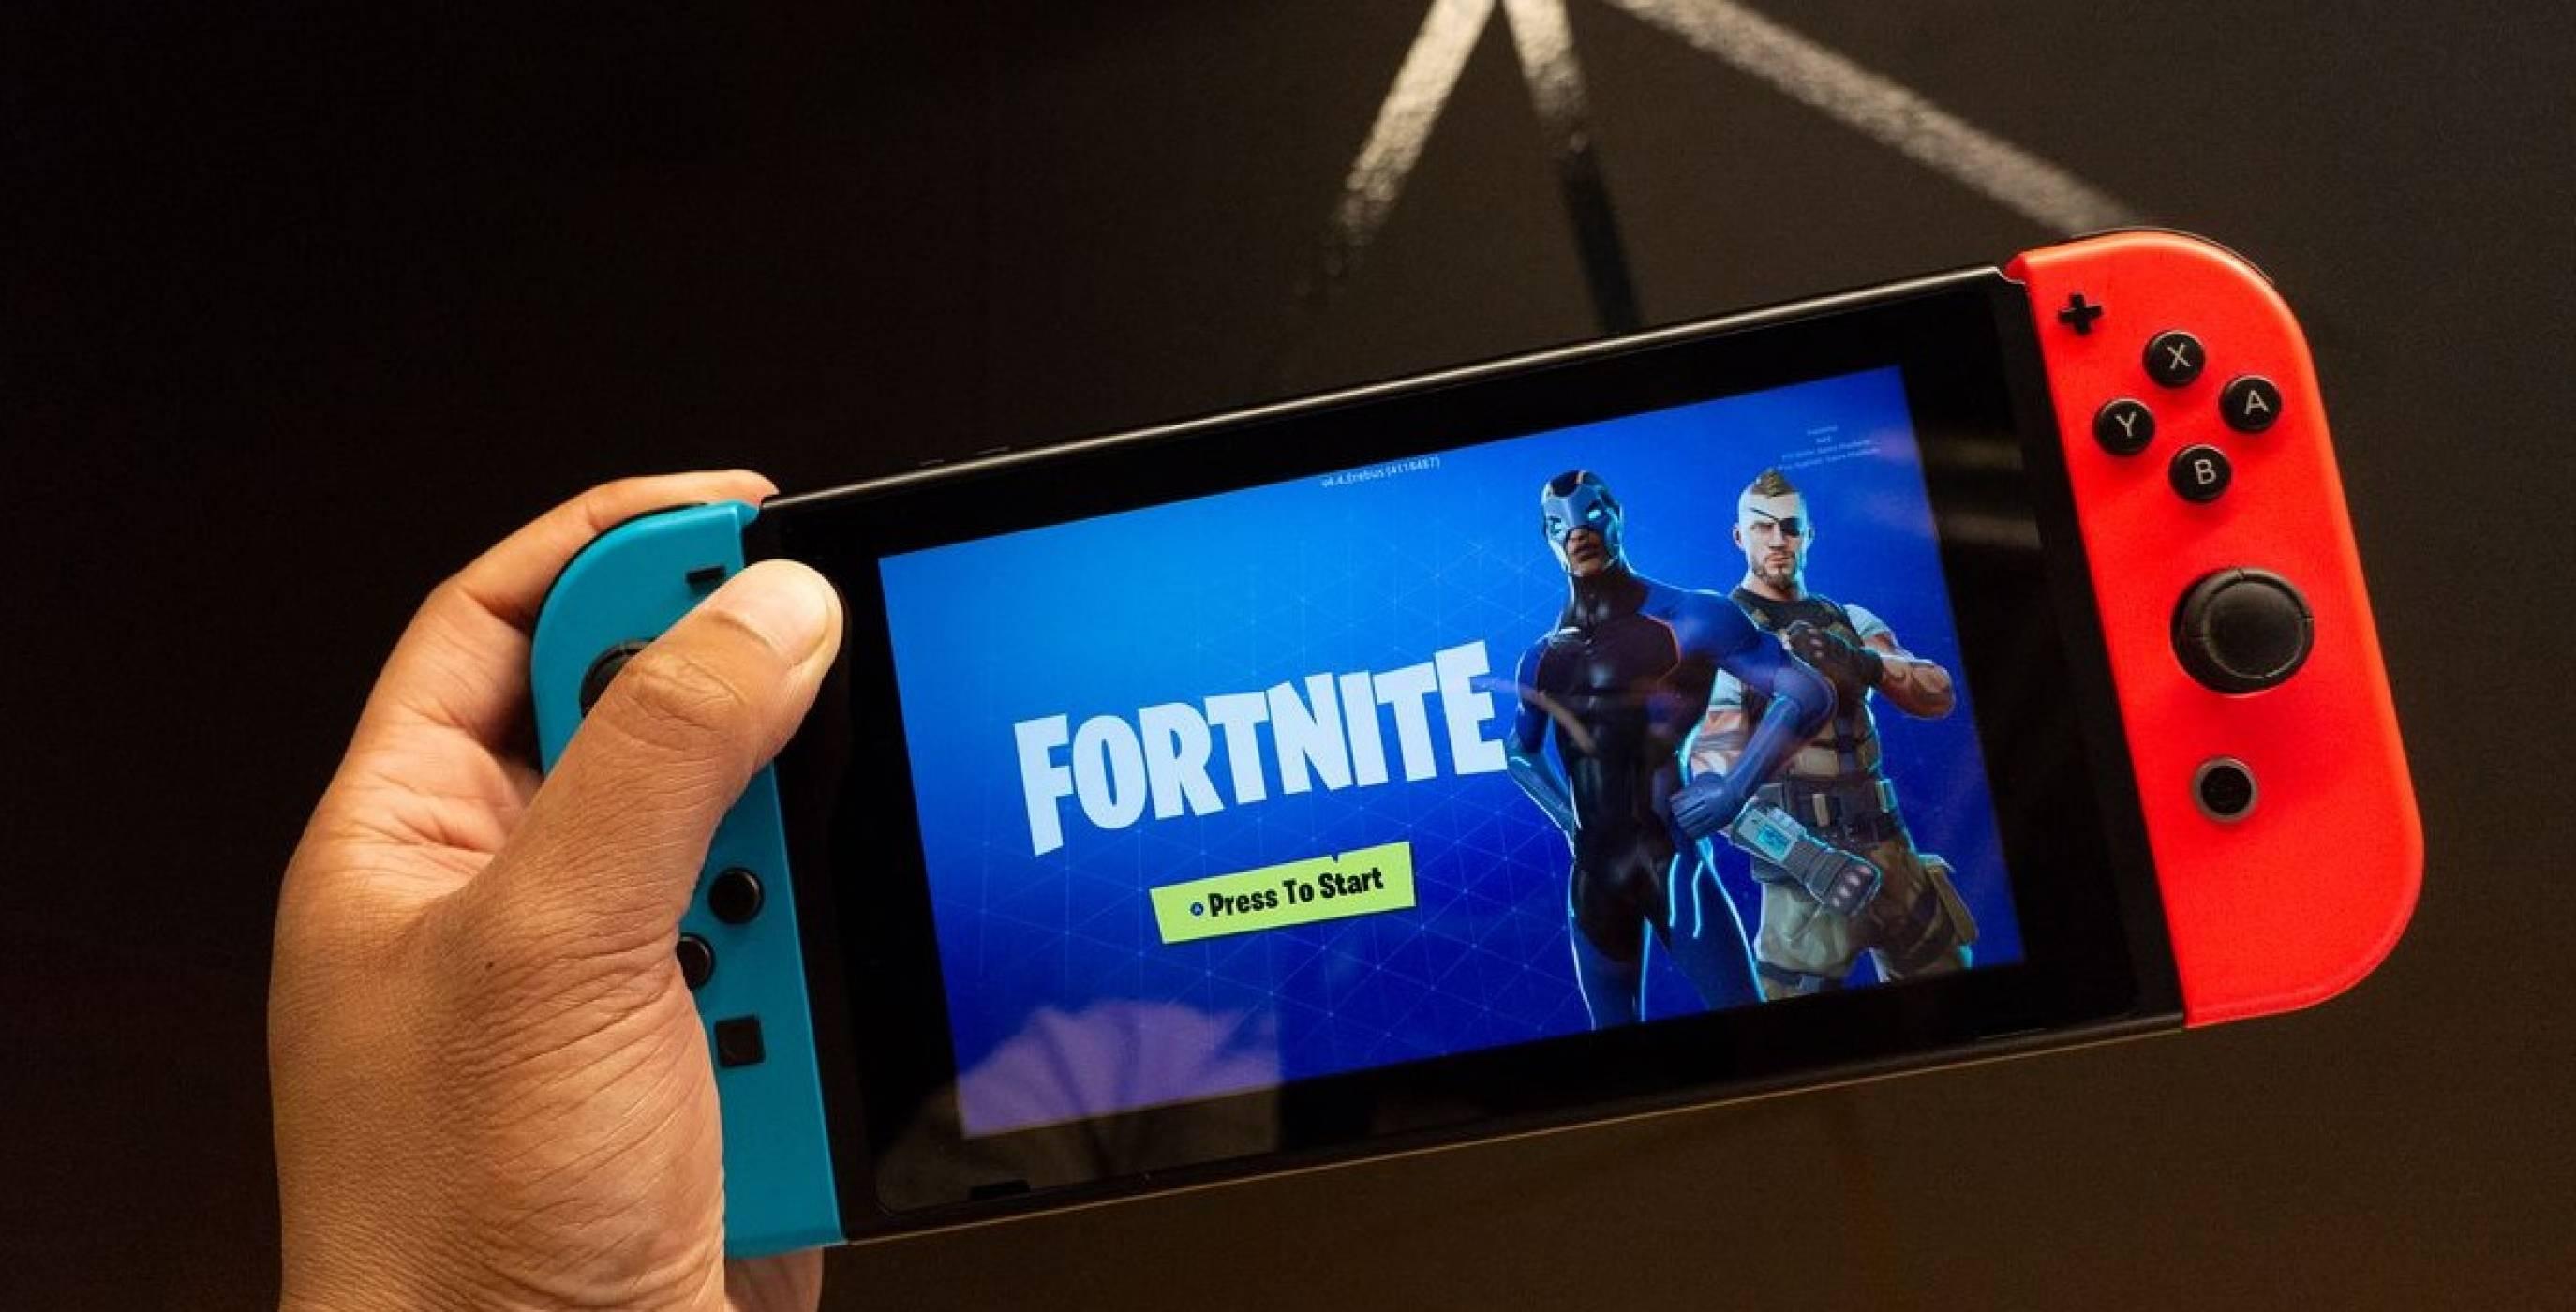 Fortnite е най-играната Switch игра за 2018 г. в Европа